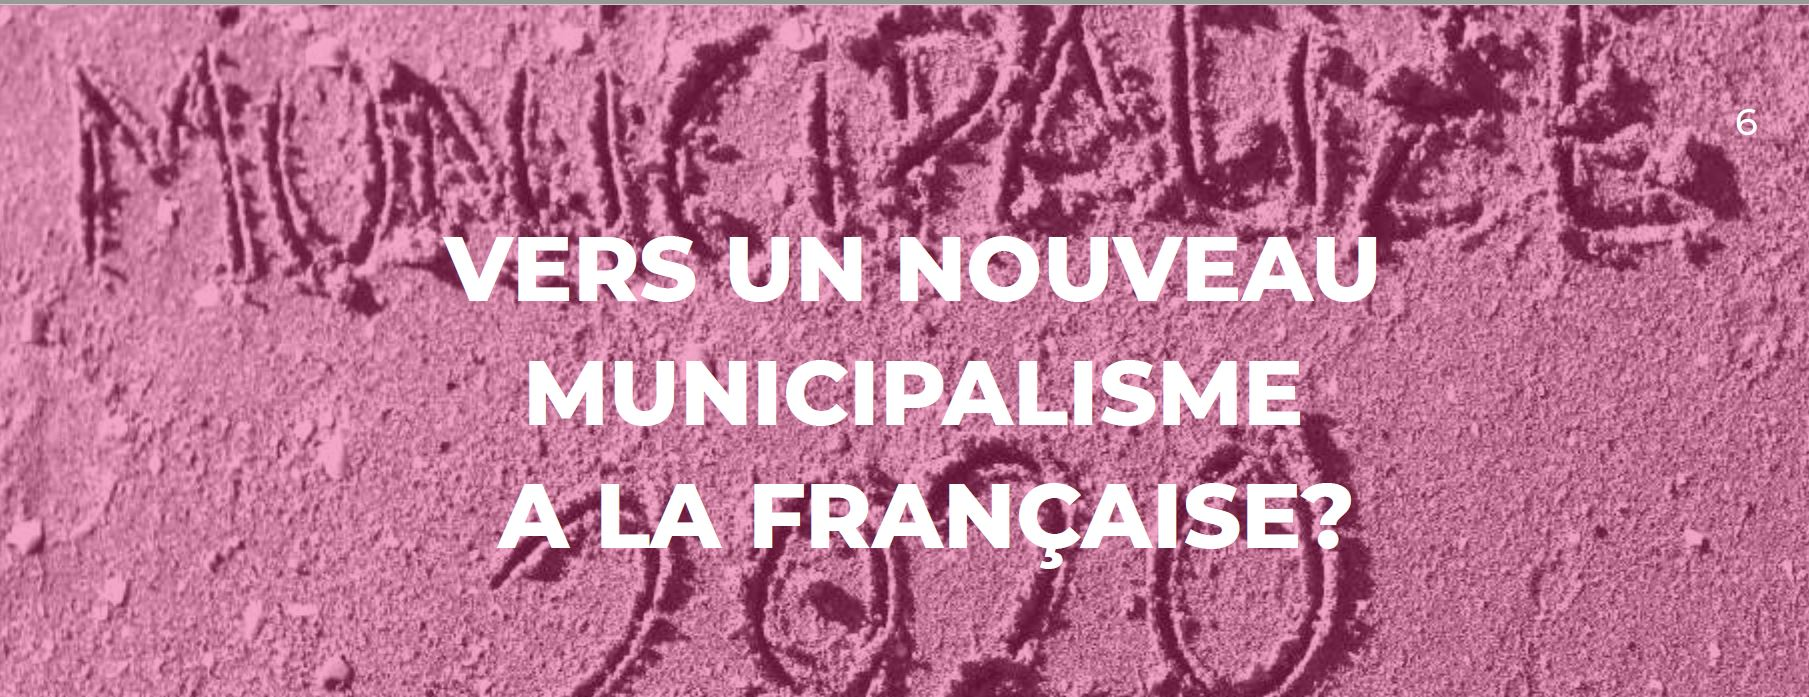 [ RAPPORT ] Vers un nouveau municipalisme à la française ?